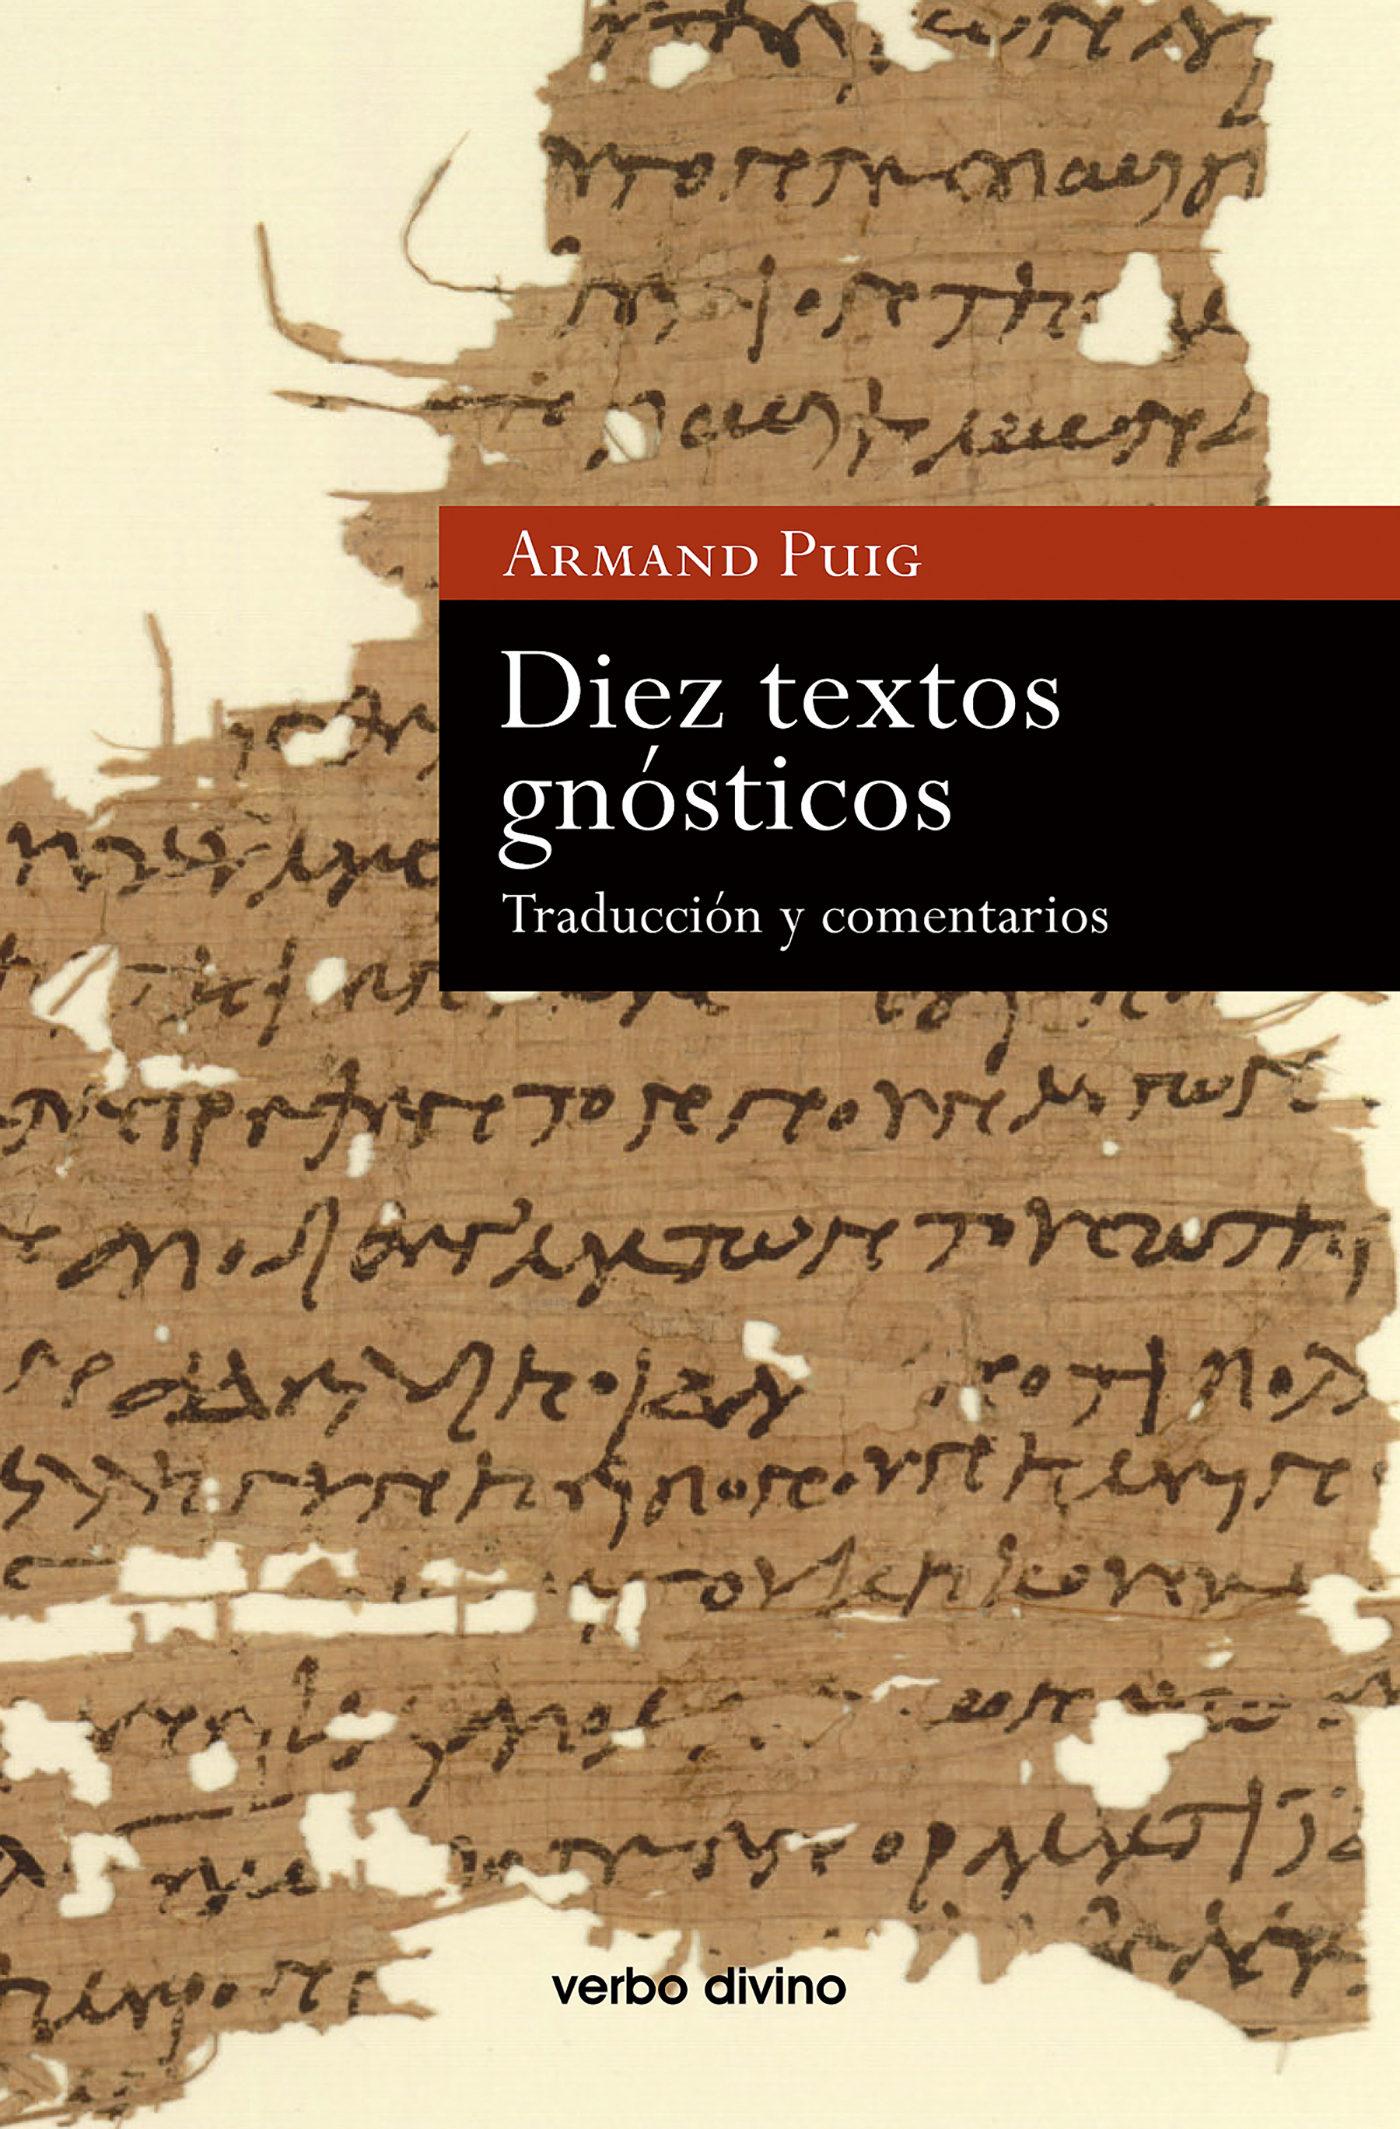 Diez textos gnósticos. Traducción y comentarios